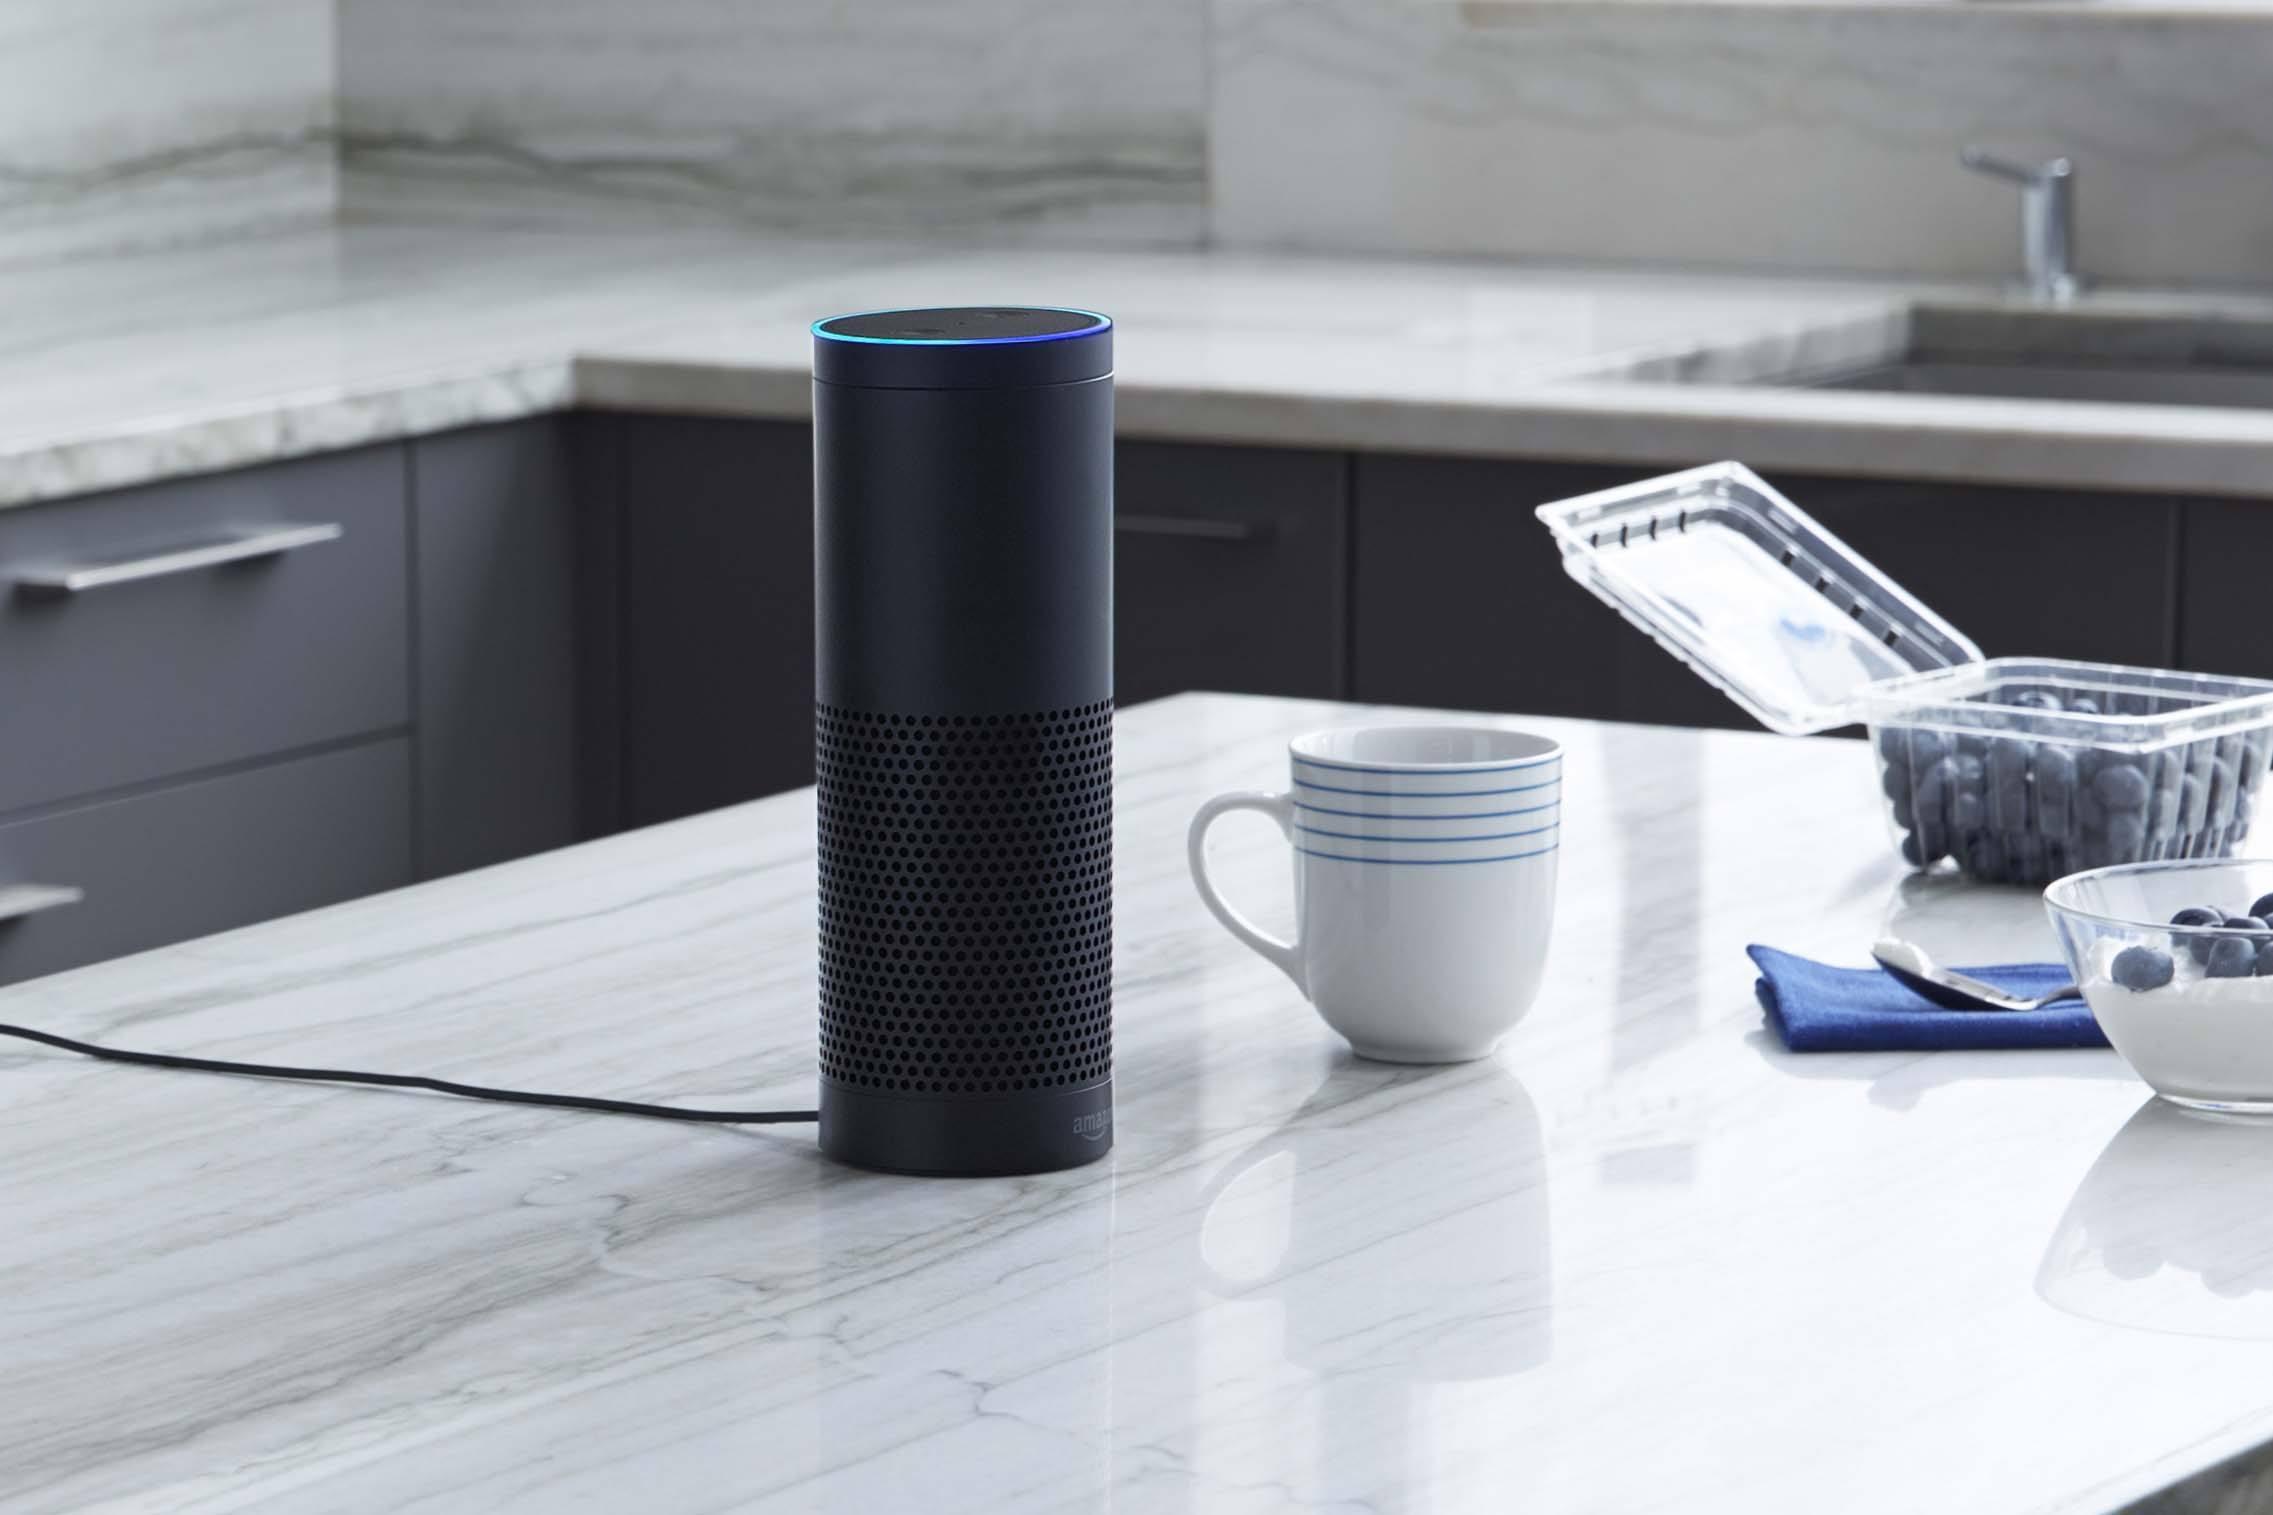 Amazon Echo Lifestyle image